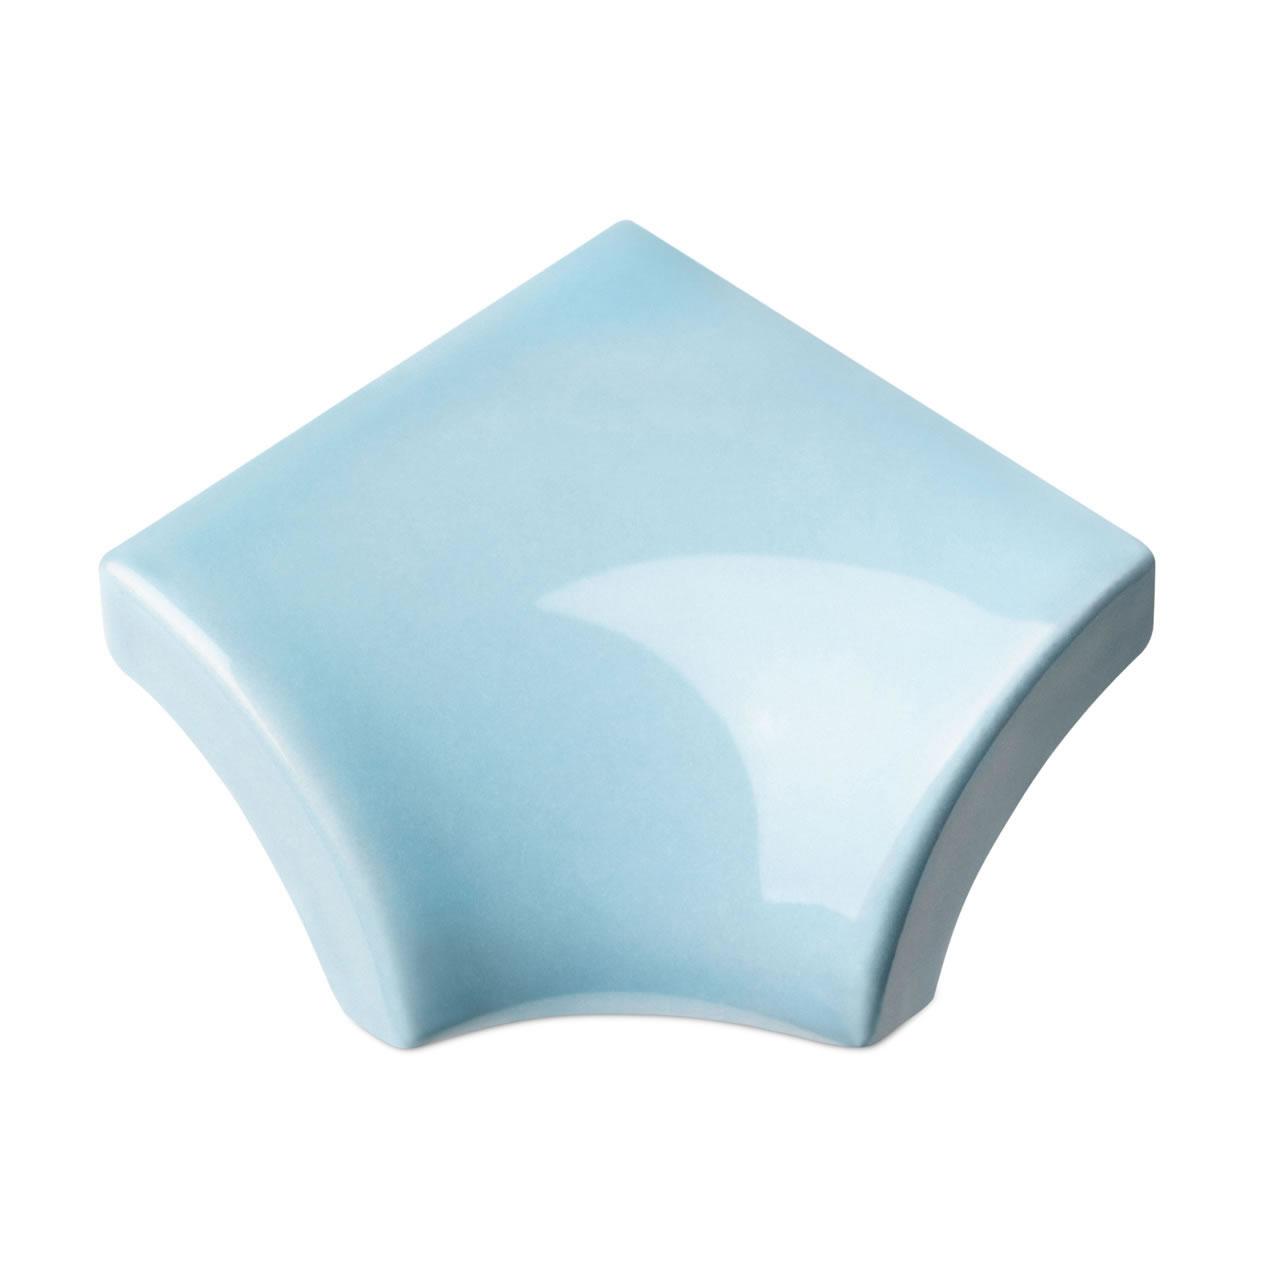 canto externo azul céu 2,5×2,5